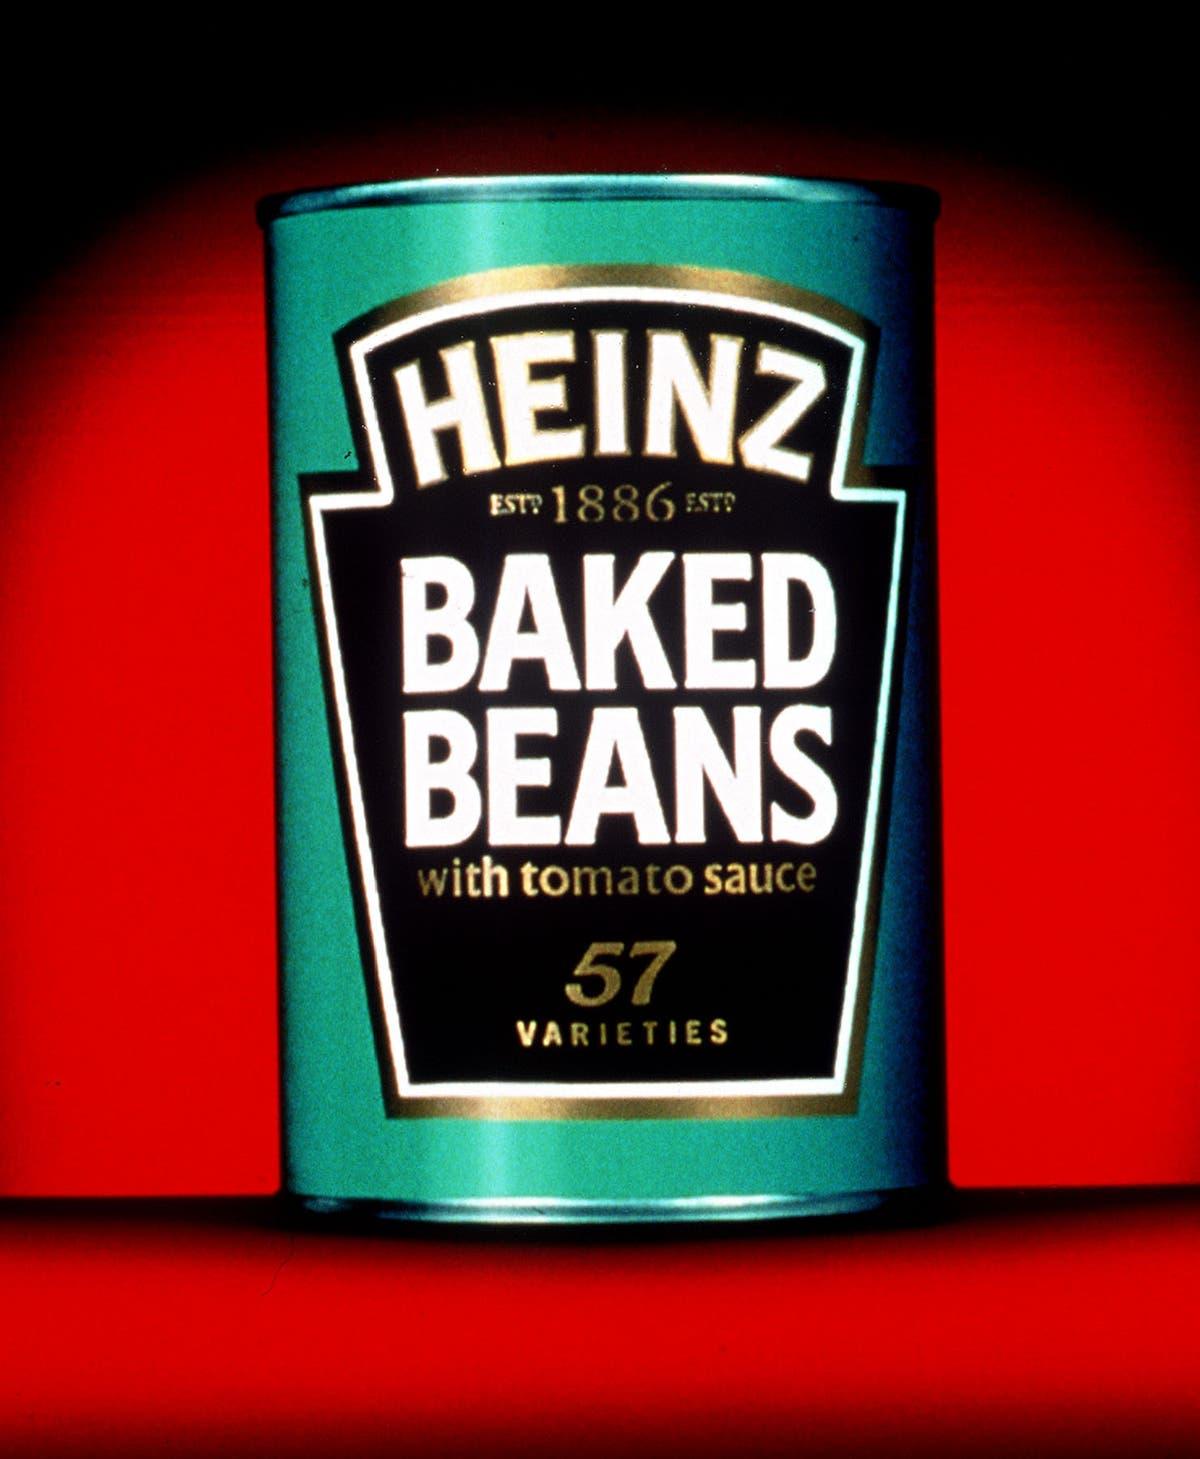 Les consommateurs devraient s'attendre à des prix alimentaires plus élevés, dit le patron de Kraft Heinz